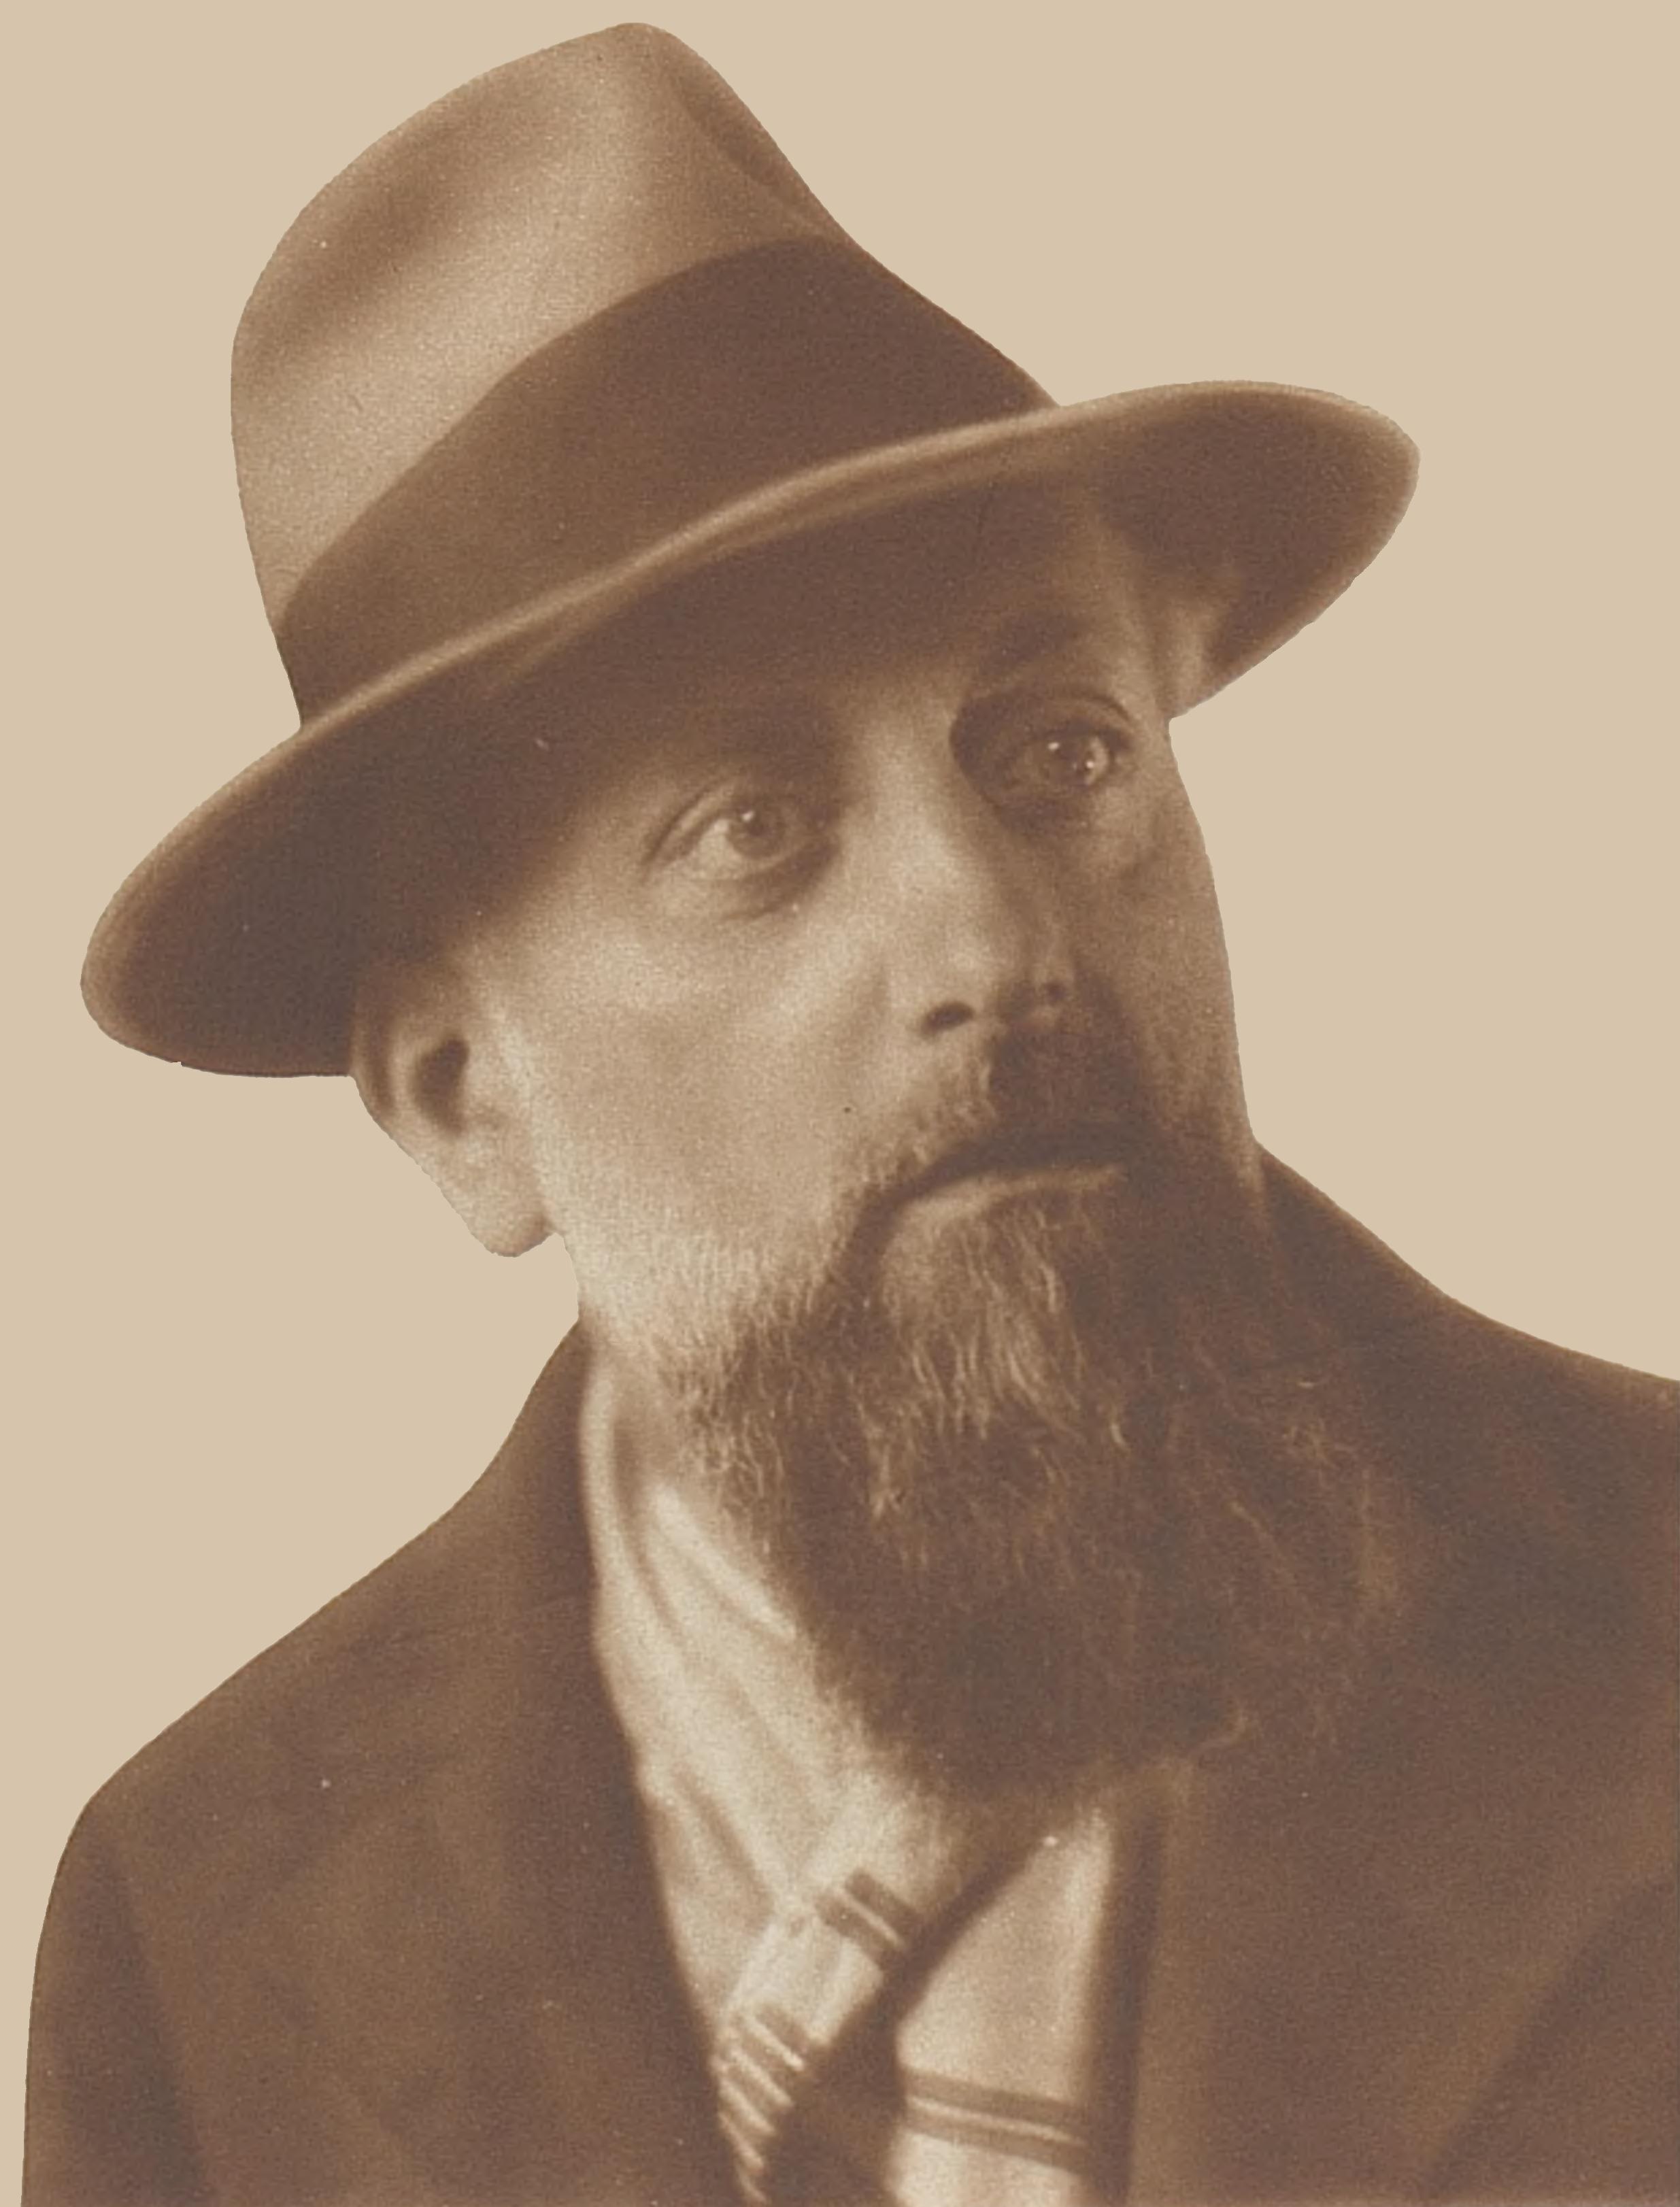 Un portrait d' Ernest Ansermet fait par Photo F.H. Jullien, publié entre autres dans la revue L'Illustré du 6 octobre 1932, No 41 en page 1214